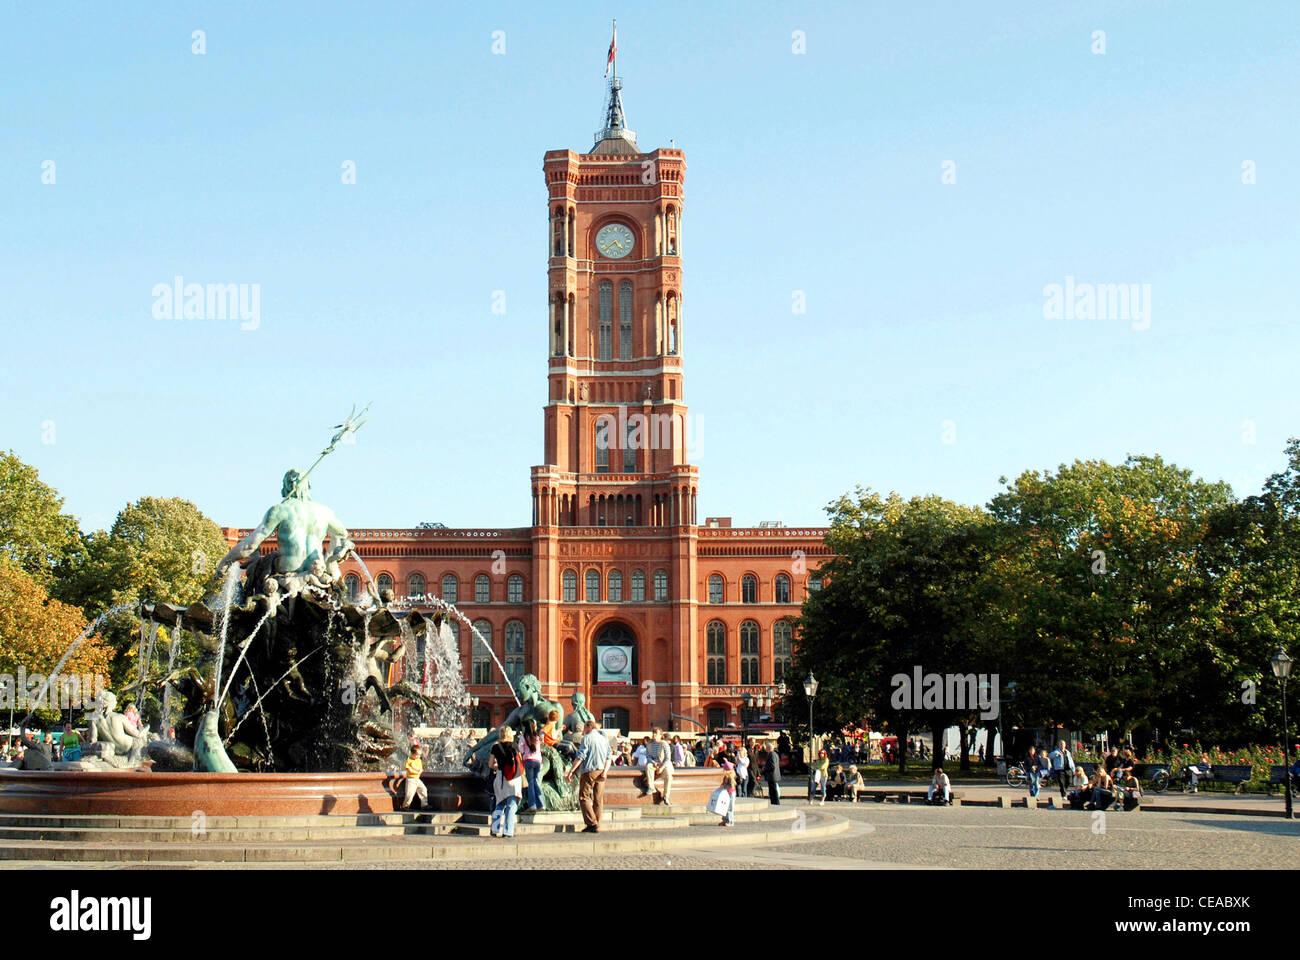 Rote Rathaus in Berlin: Residenz des Bürgermeisters und der Verwaltung Sitzes des Bundeslandes Berlin. Stockbild